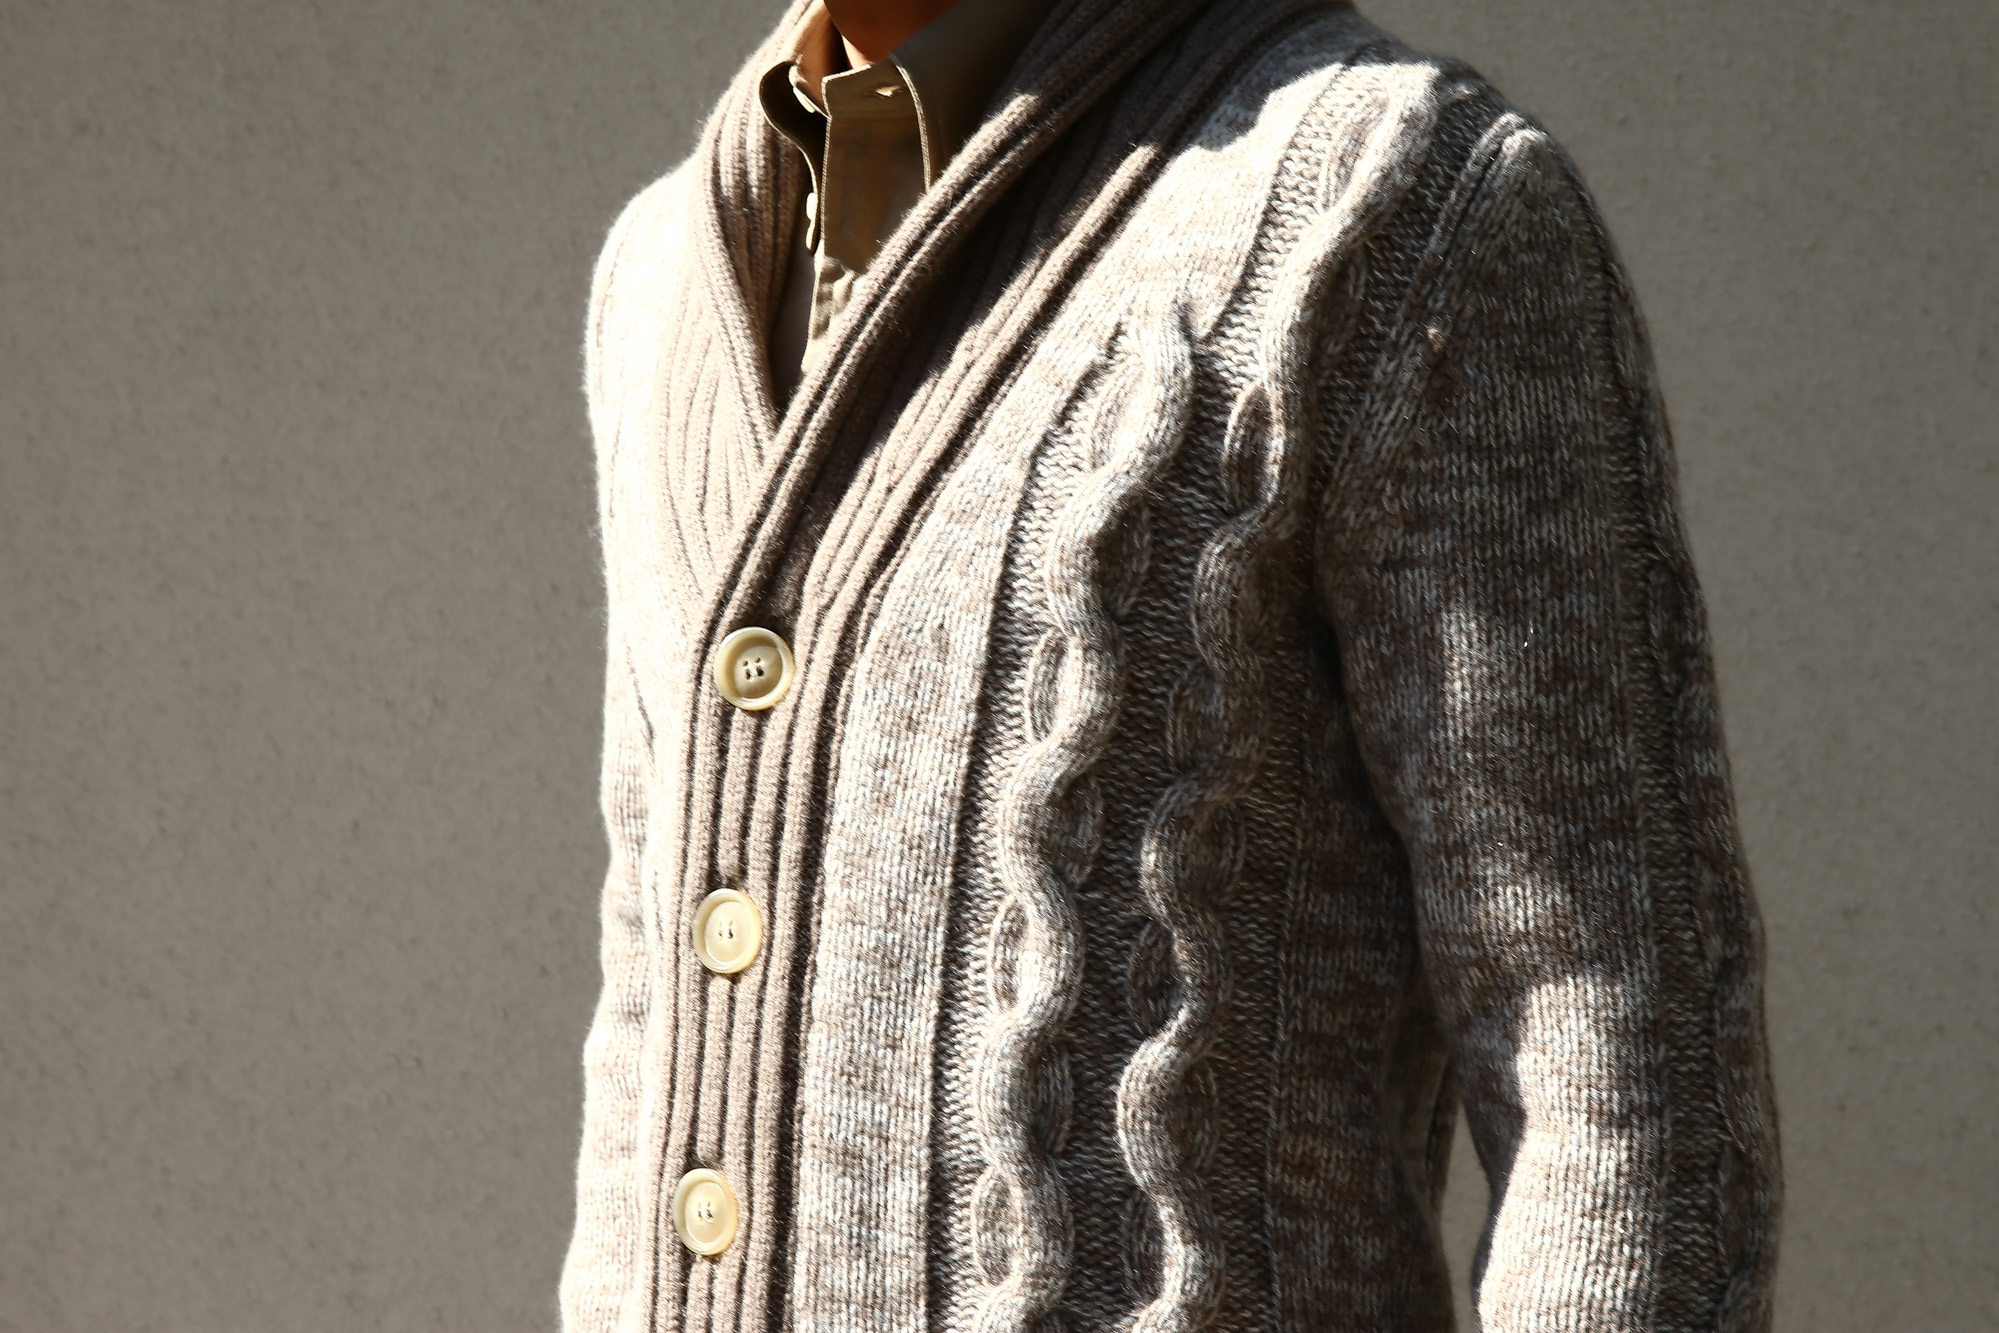 Settefili Cashmere (セッテフィーリ カシミア) Shawl Collar Cardigan (ショールカラーカーディガン) メランジ ウール カシミア ローゲージニットカーディガン ショールカラーカーディガン GREGE (グレージュ・CM01) made in italy (イタリア製) 2016 秋冬新作 愛知 名古屋 ZODIAC ゾディアック ショールカラー セッテフィーリカシミア